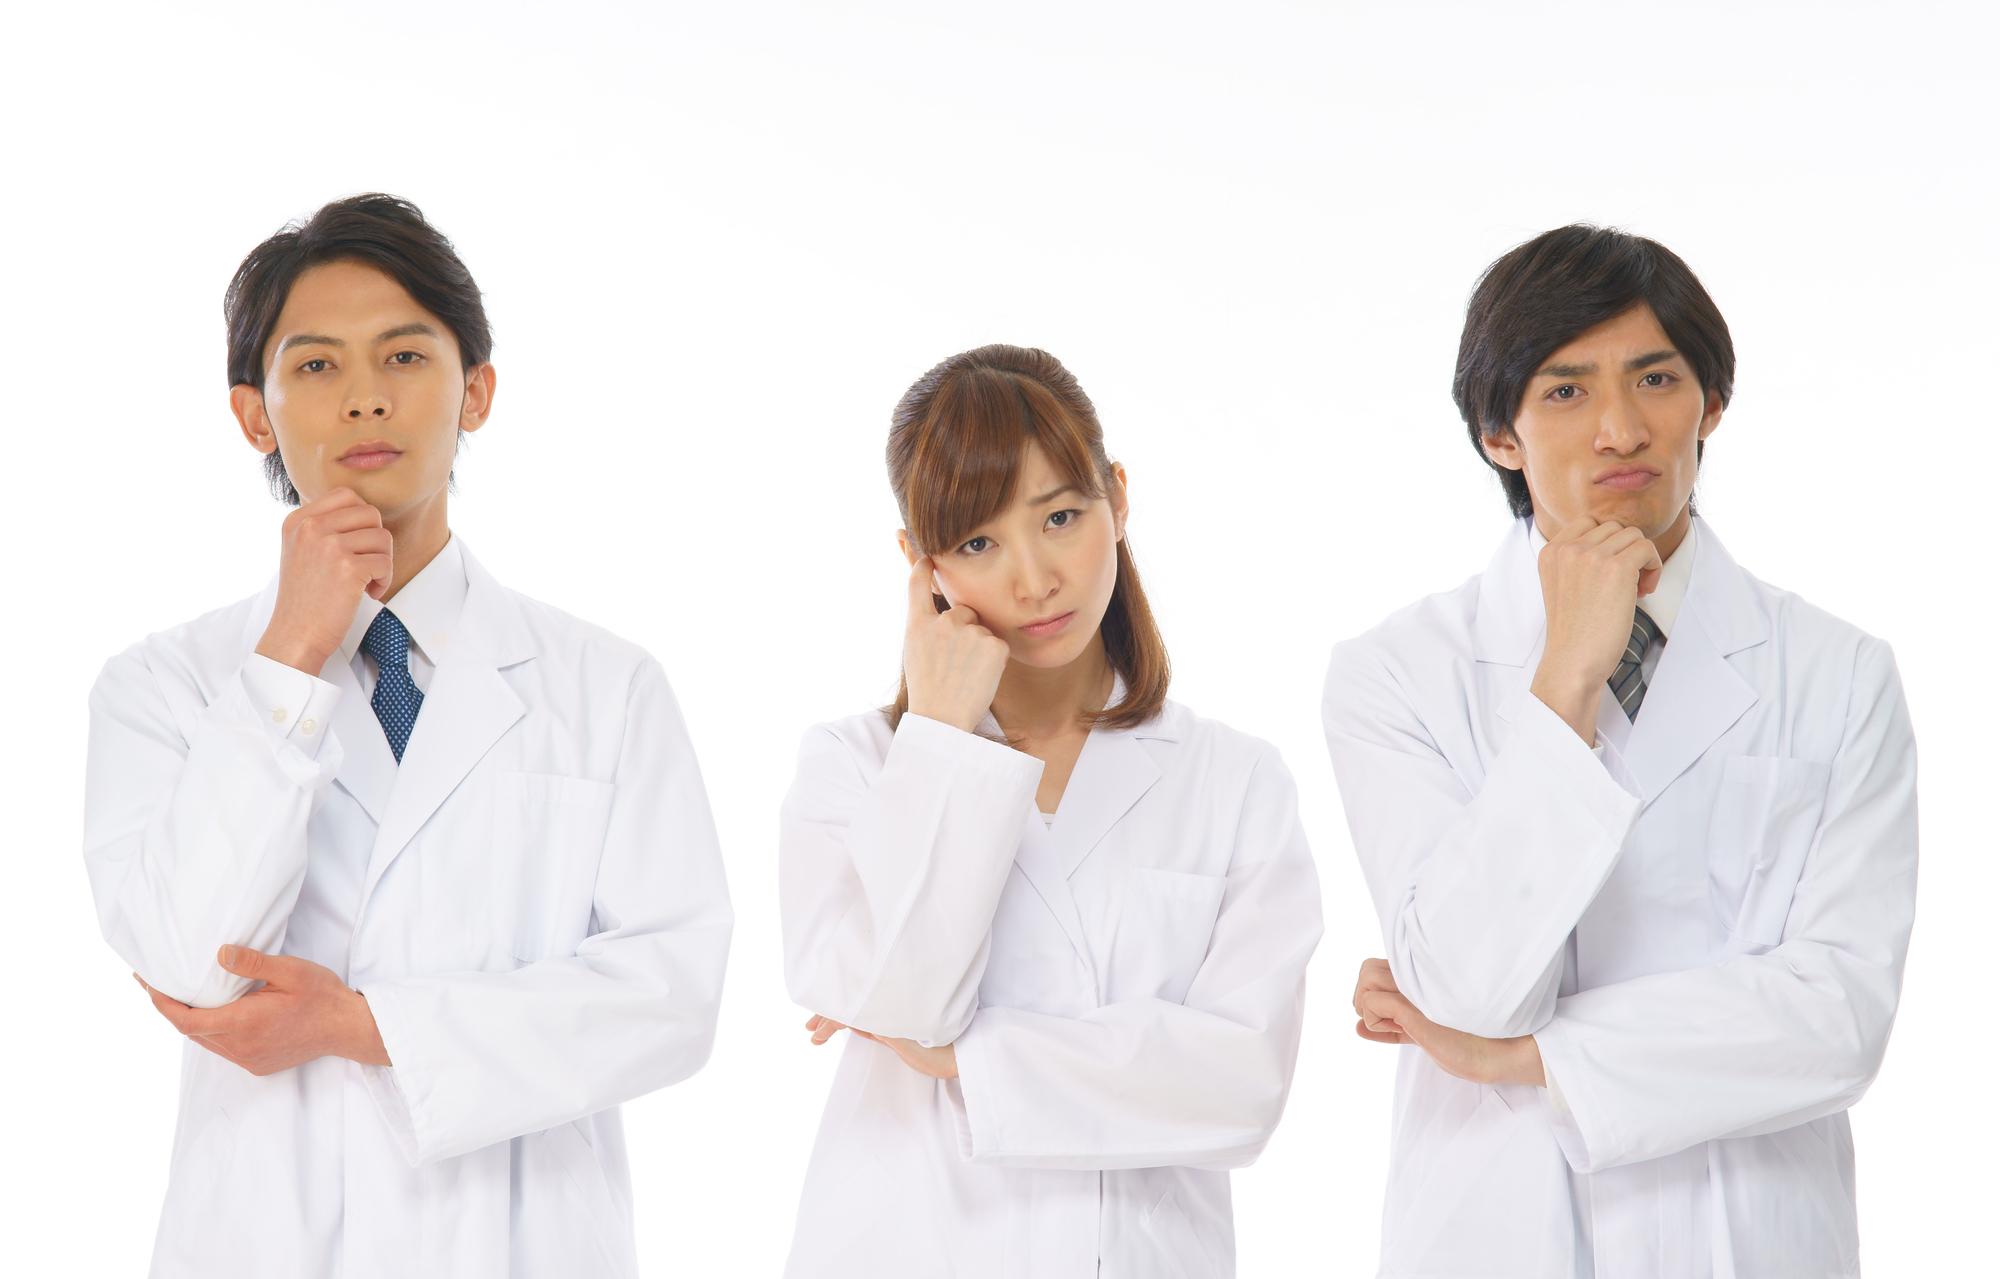 チーム医療